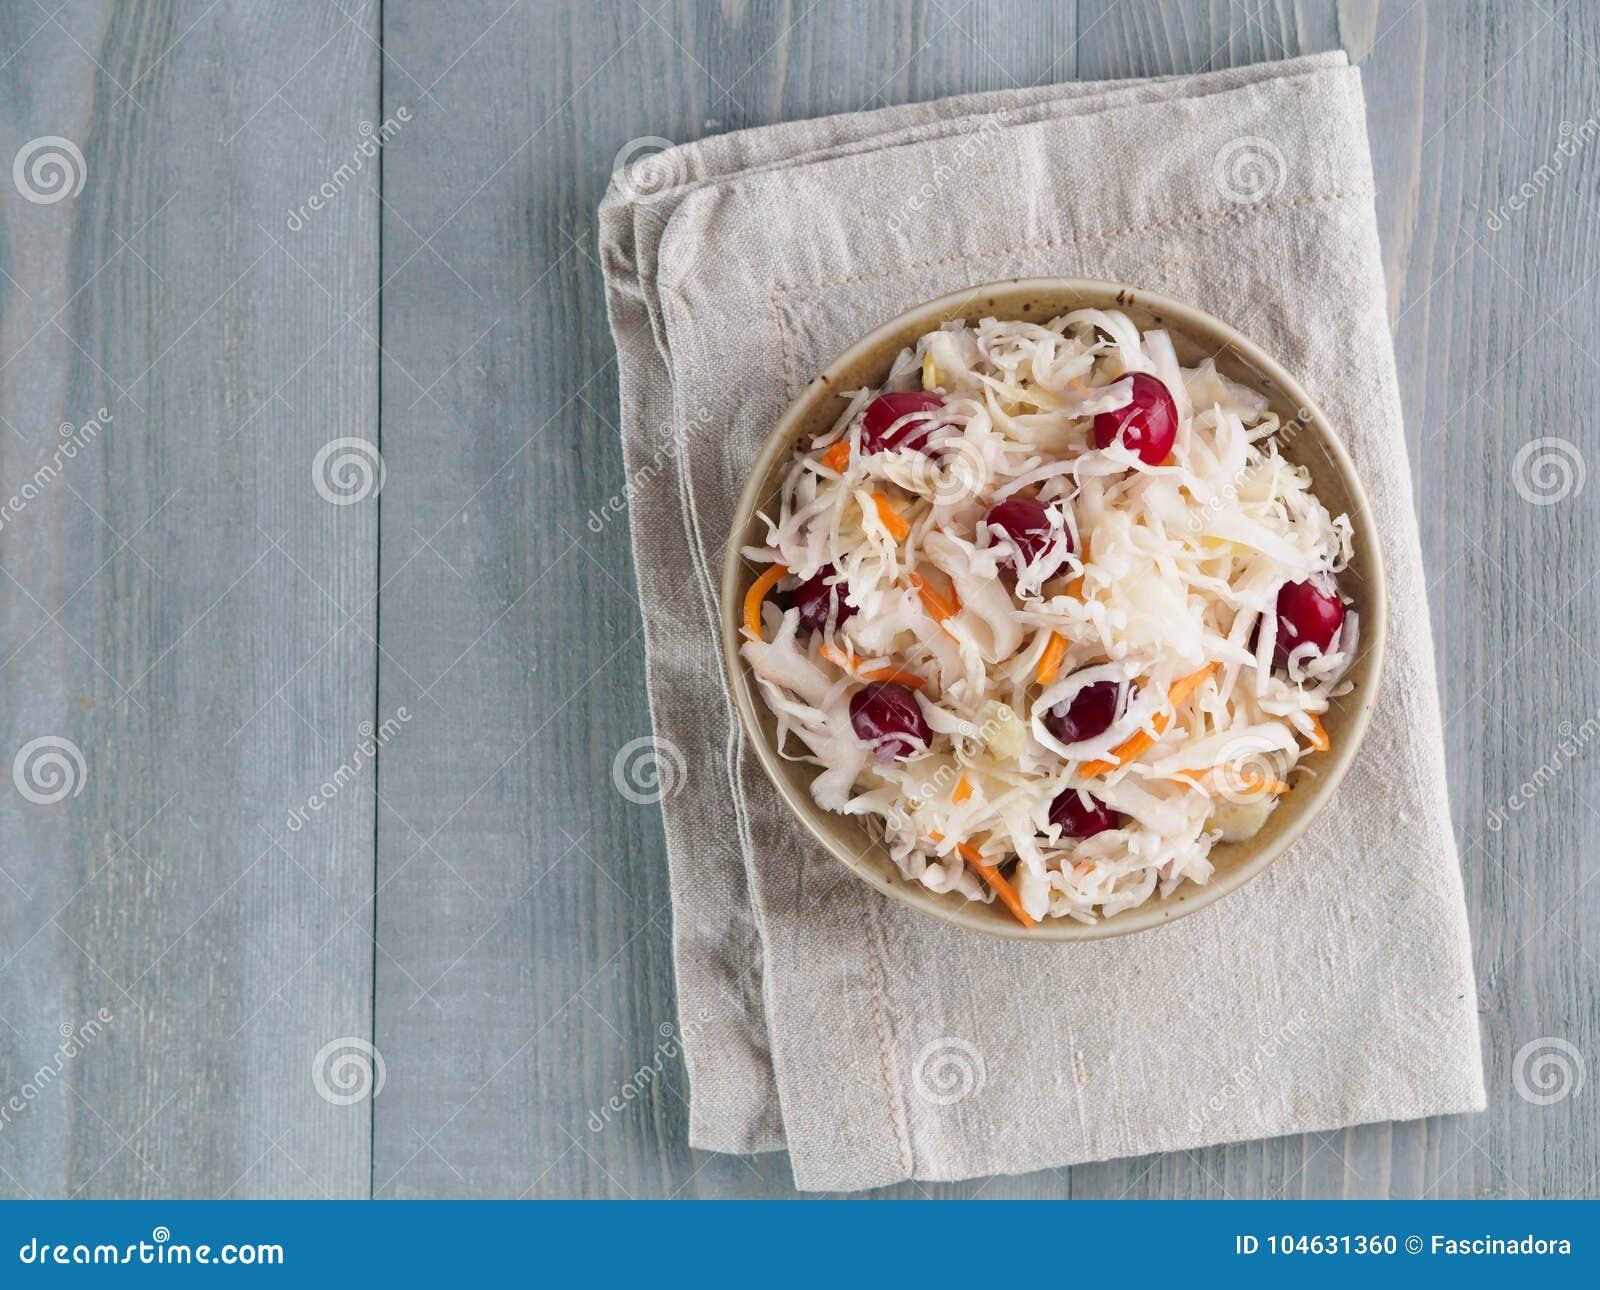 Download Zuurkool Met Amerikaanse Veenbes En Wortel Stock Foto - Afbeelding bestaande uit kool, gemarineerd: 104631360